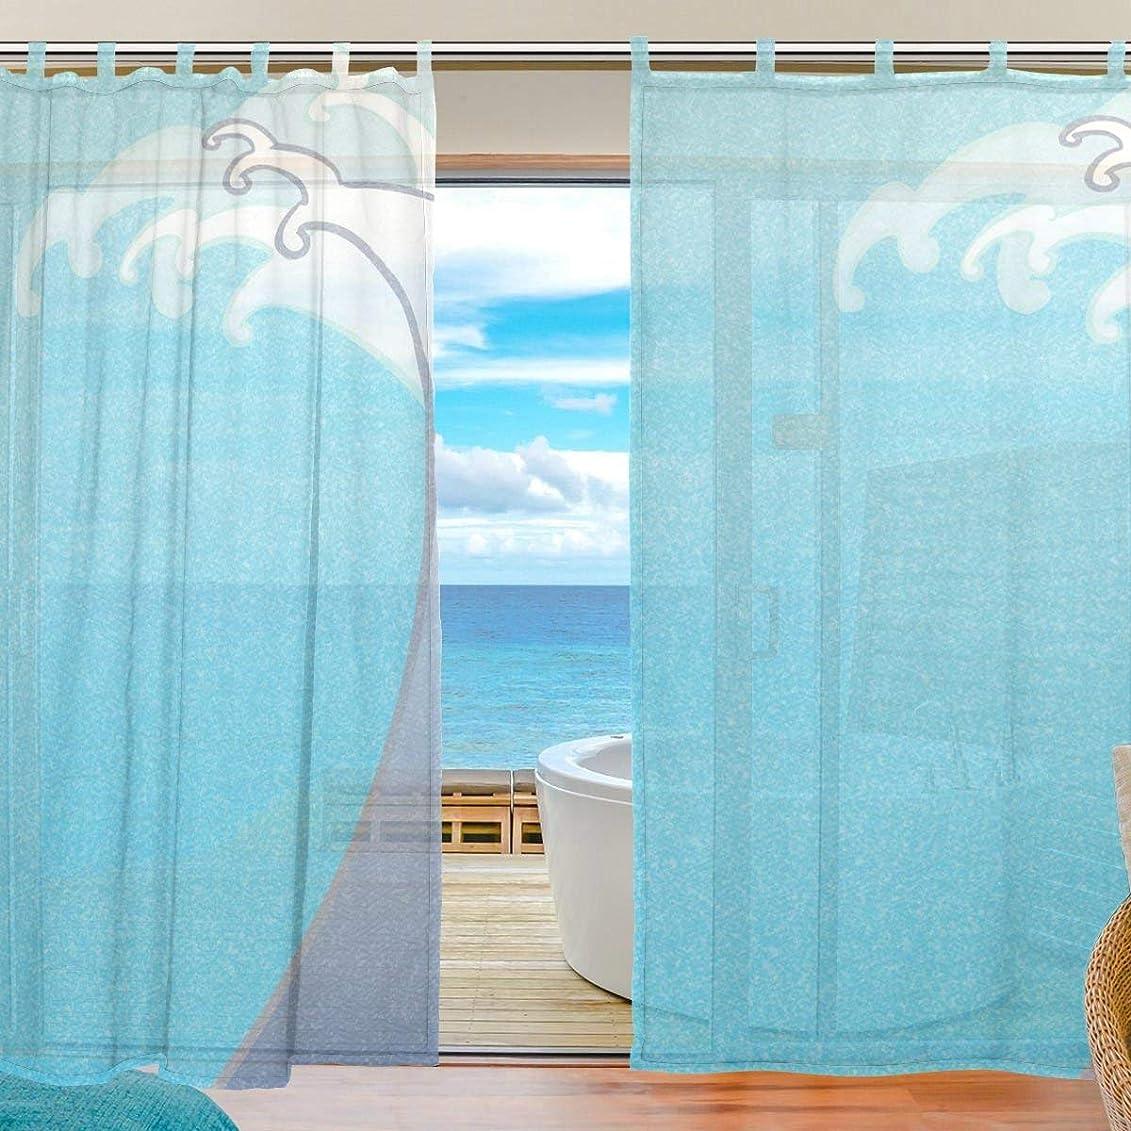 対応ブロンズ怖がって死ぬZOMOY(ユサキ おしゃれ 薄手 柔らかい シェードカーテン紗 ドアカーテン,きれい 和柄 和風 花柄 和室,装飾 窓 部屋 玄関 ベッドルーム 客間用 遮光 カーテン (幅:140cm x丈:210cmx2枚組)